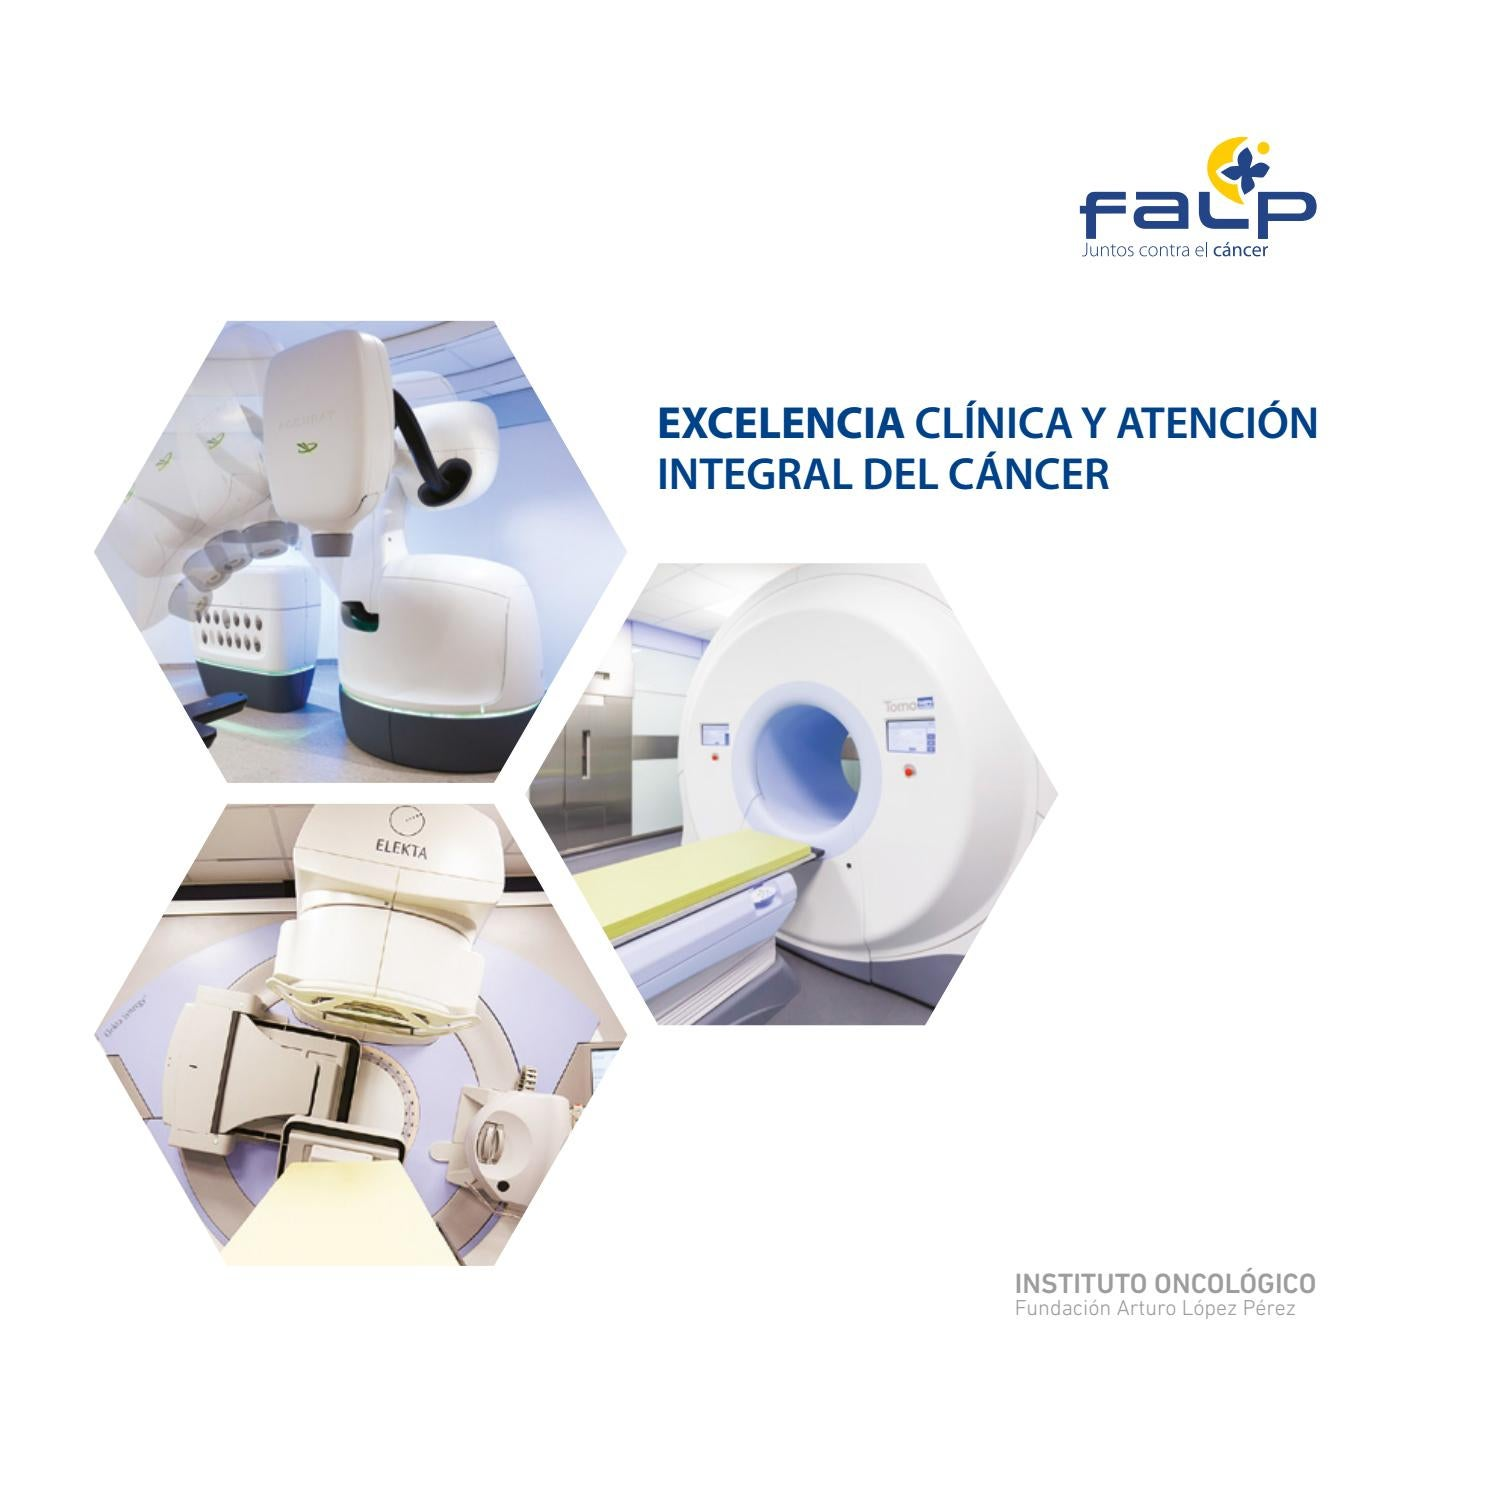 centros de excelencia para el tratamiento del cáncer de próstata.